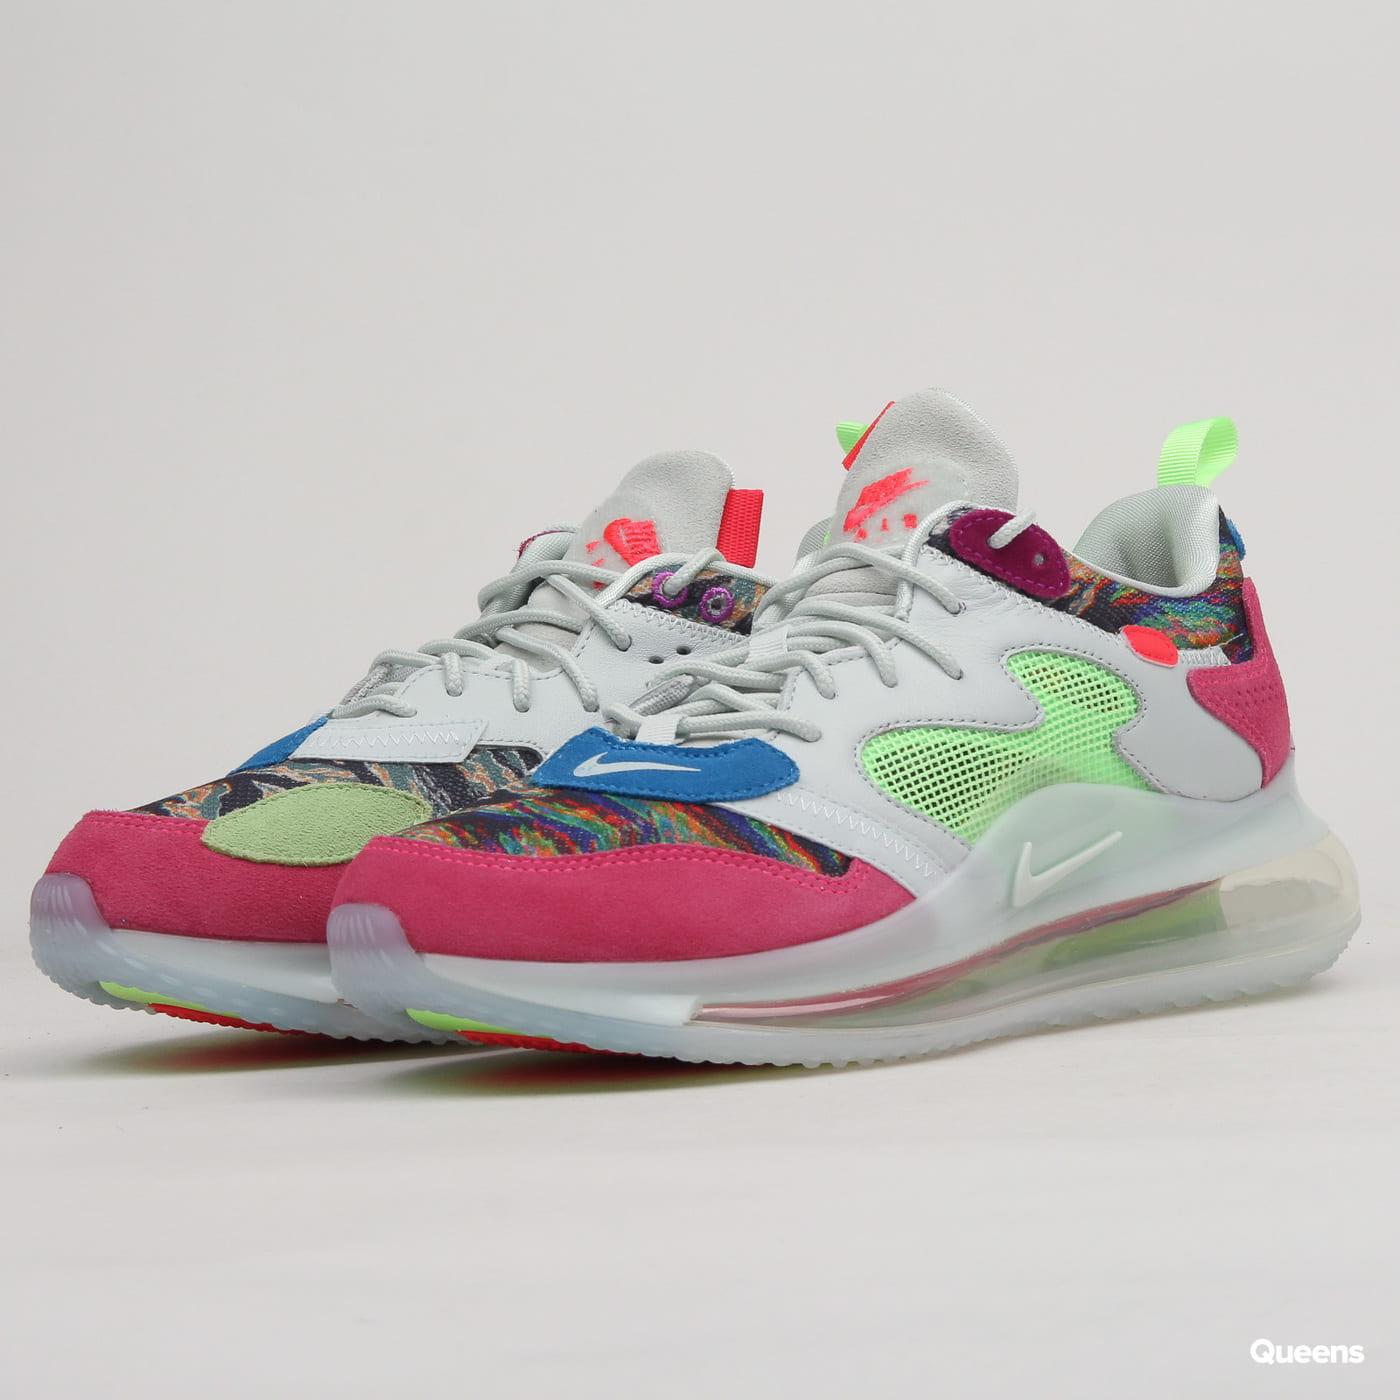 para justificar Nublado Mencionar  Sneakers Nike Air Max 720 / OBJ multi - color / hyper pink (CK2531-900) –  Queens 💚